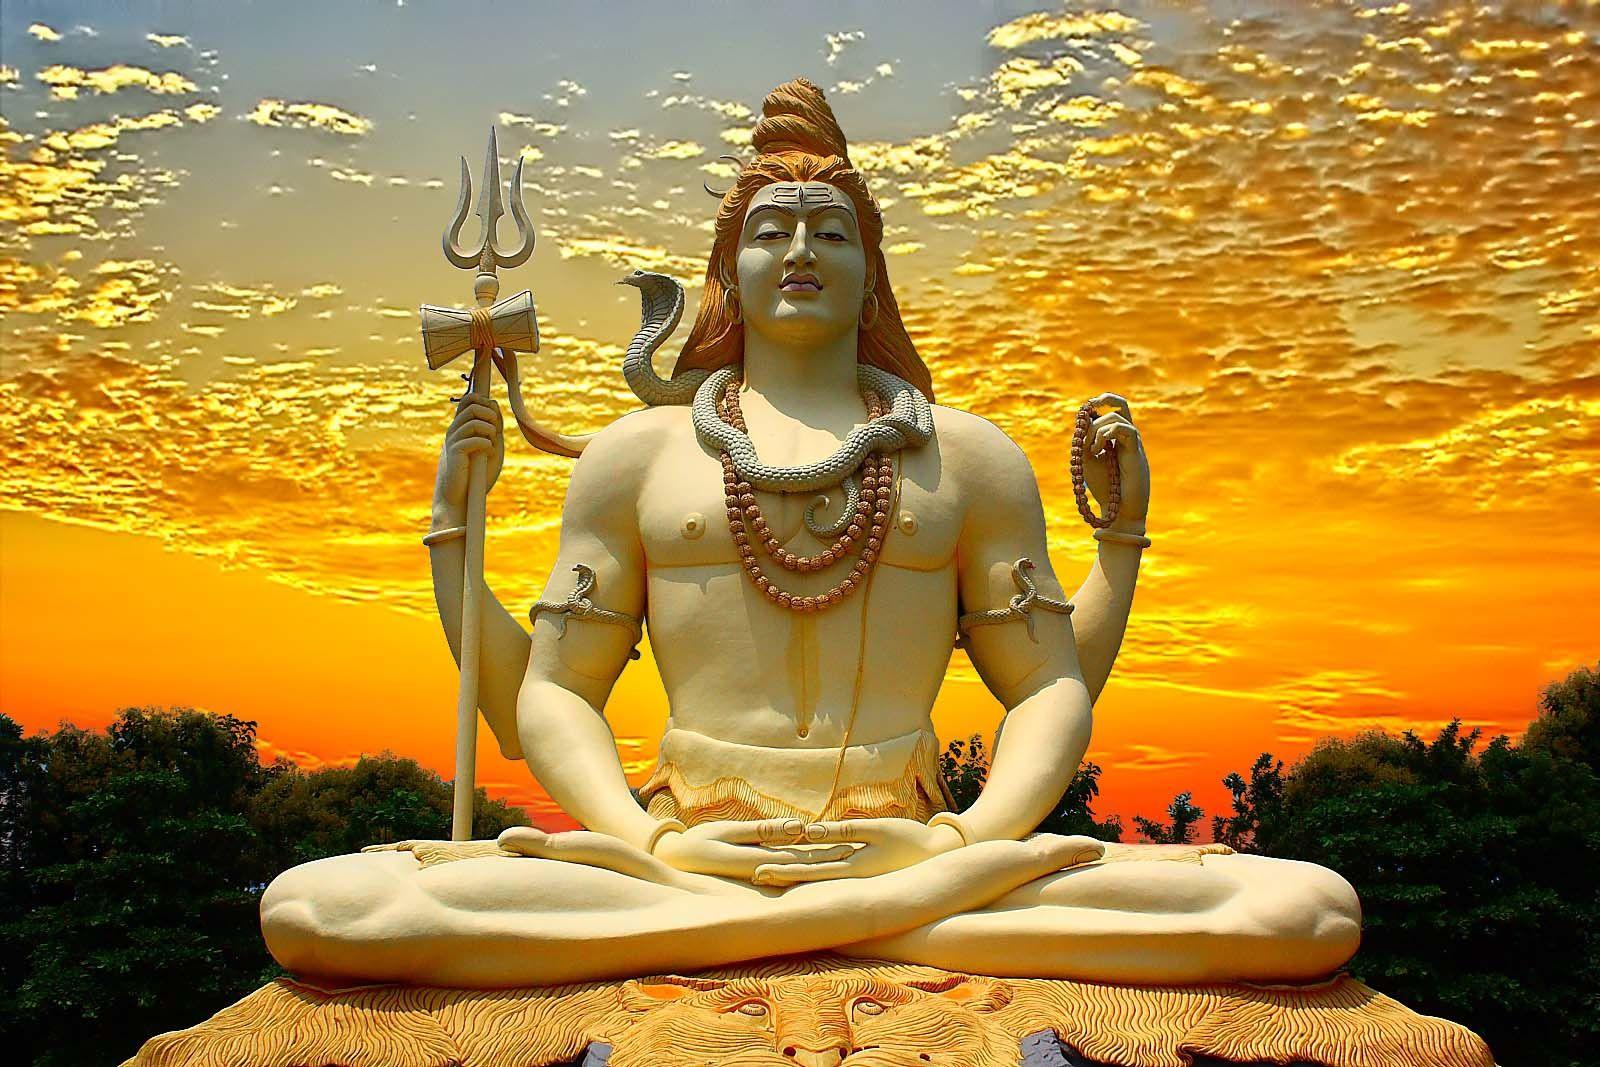 God Sivan God In 2019 Shiva Wallpaper Lord Shiva Hd Wallpaper Mahadev Hd Wallpaper